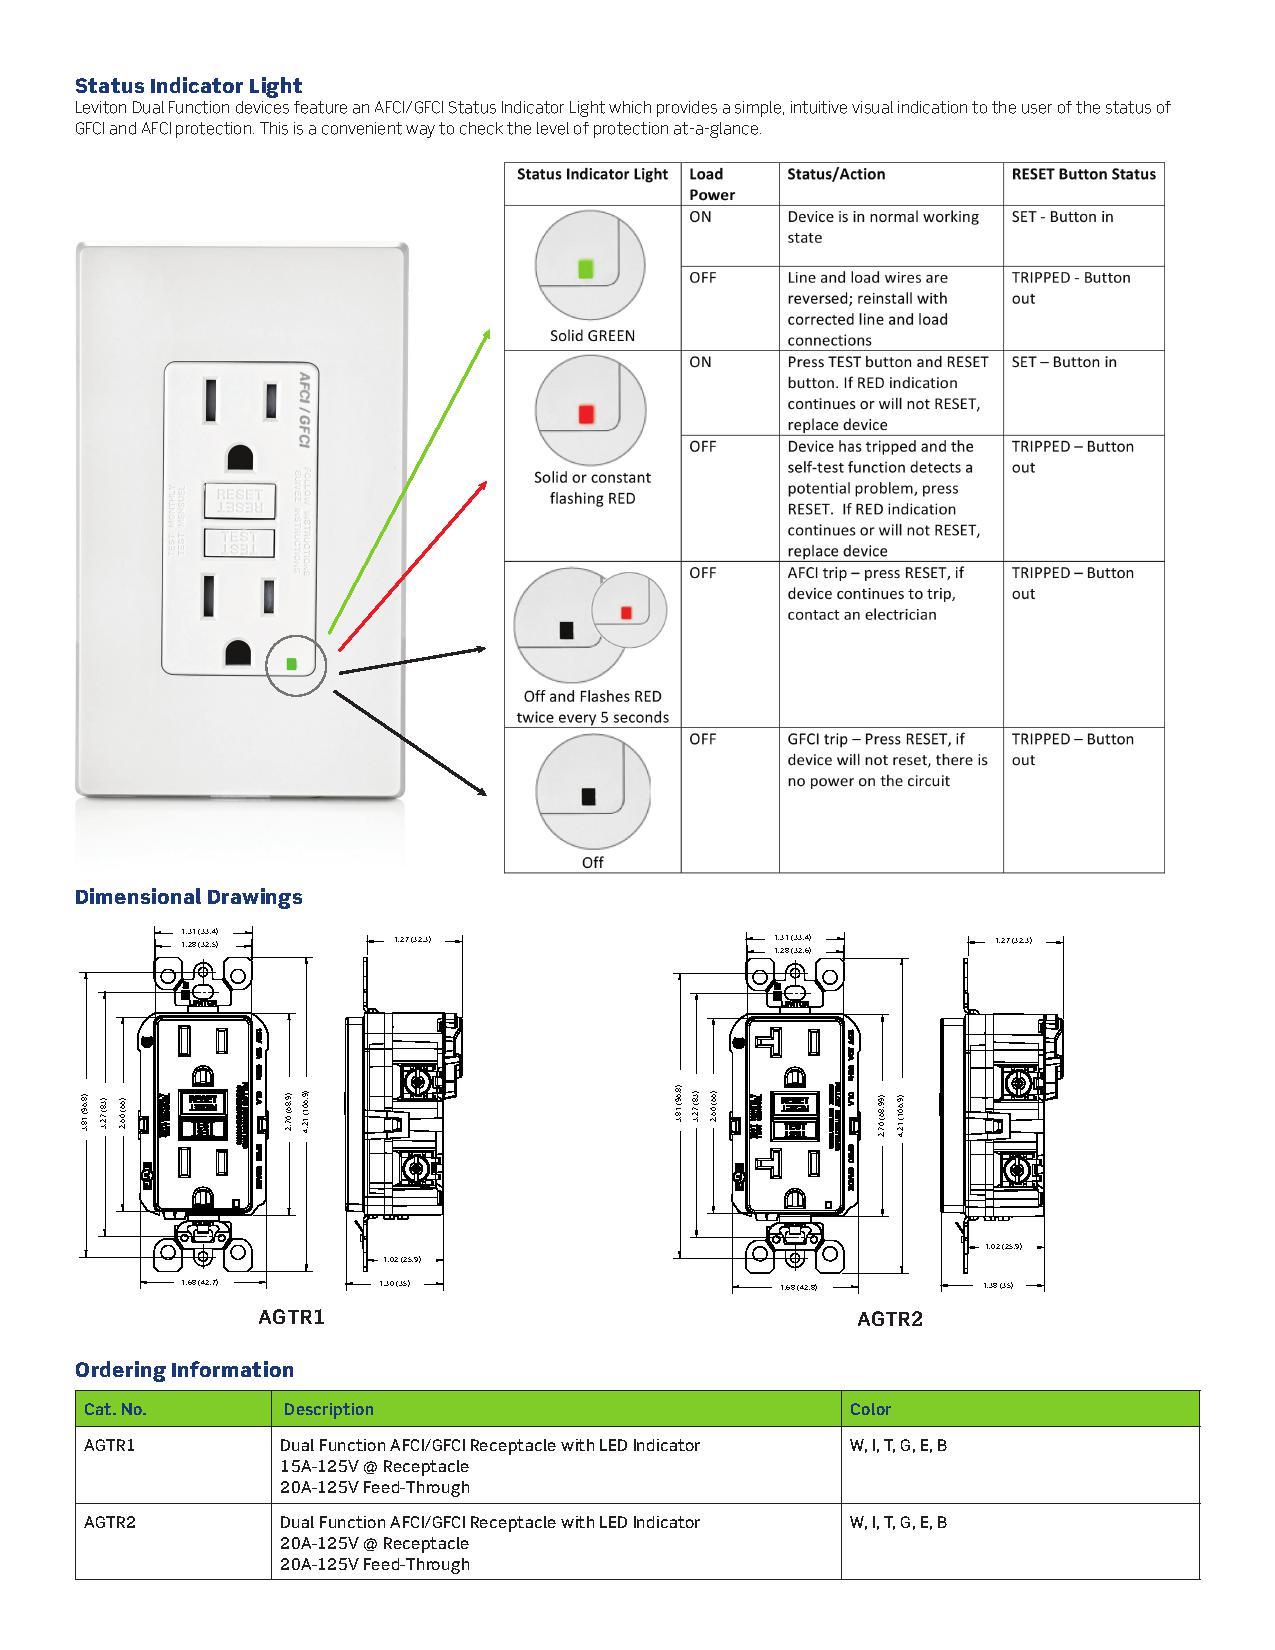 gfci wiring schematics db 2435  leviton t5225 wiring diagram switch schematic wiring  leviton t5225 wiring diagram switch